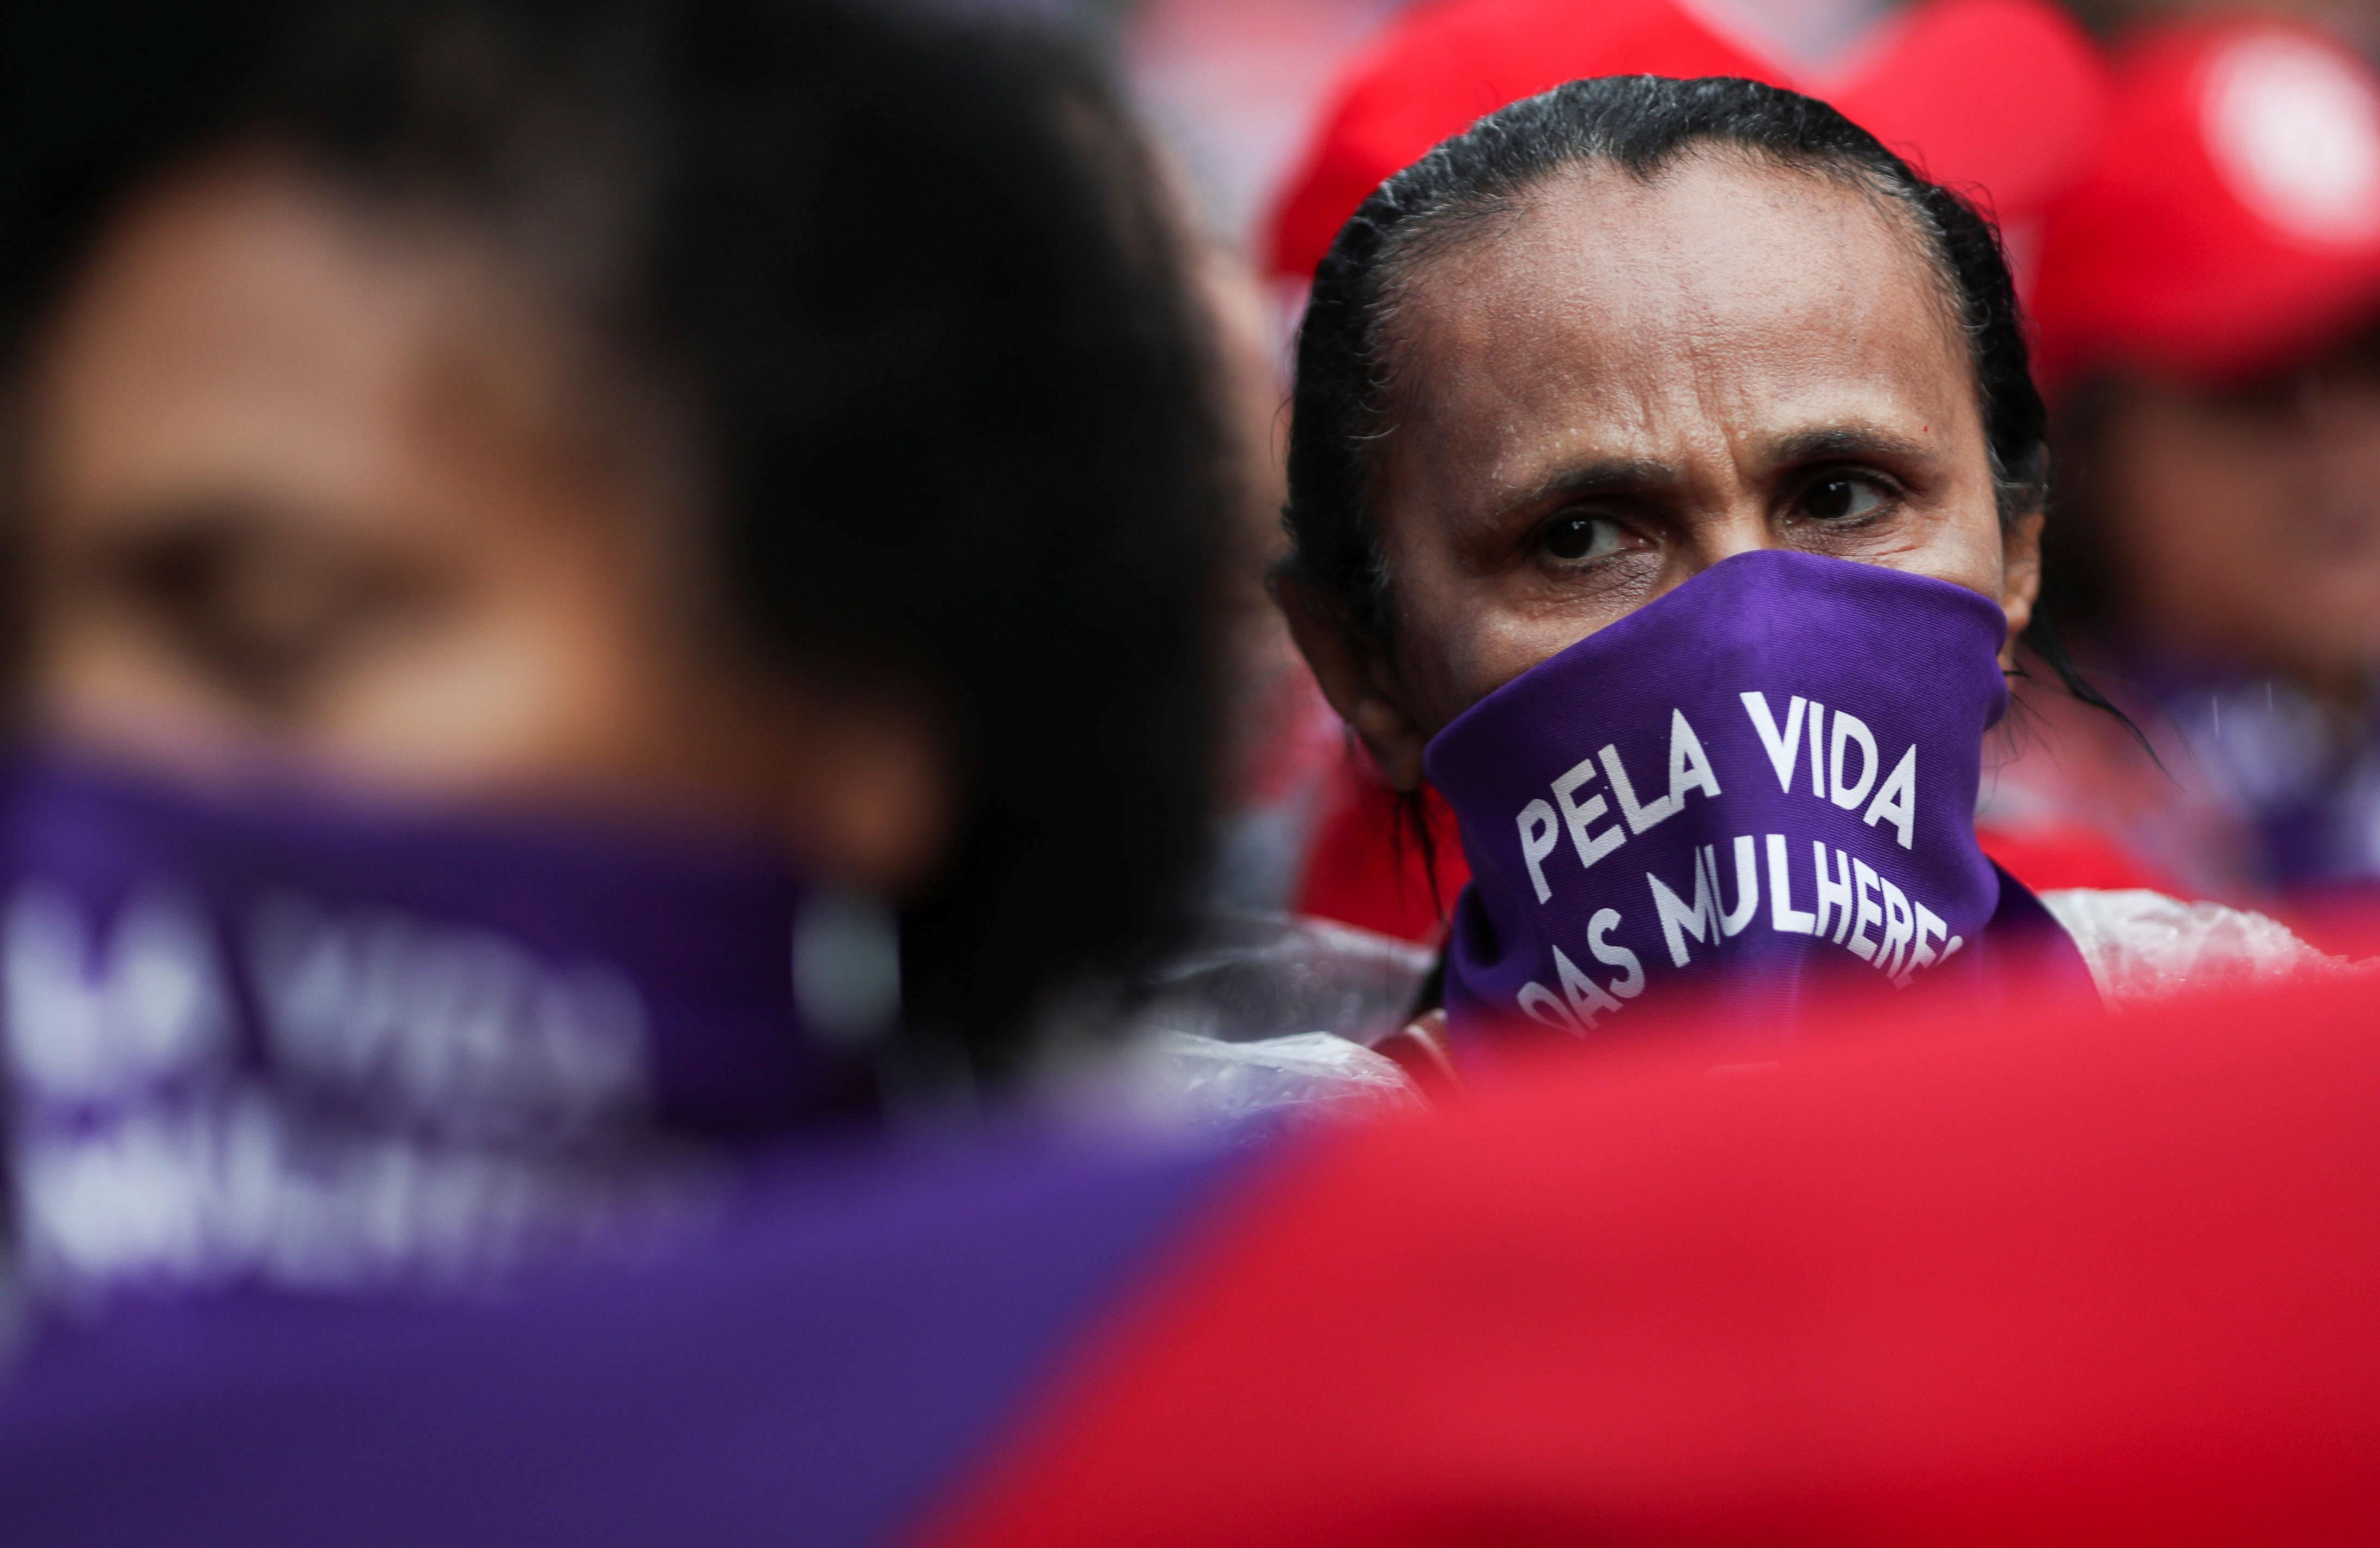 Participante de ato pelo Dia Internacional da Mulher em São Paulo